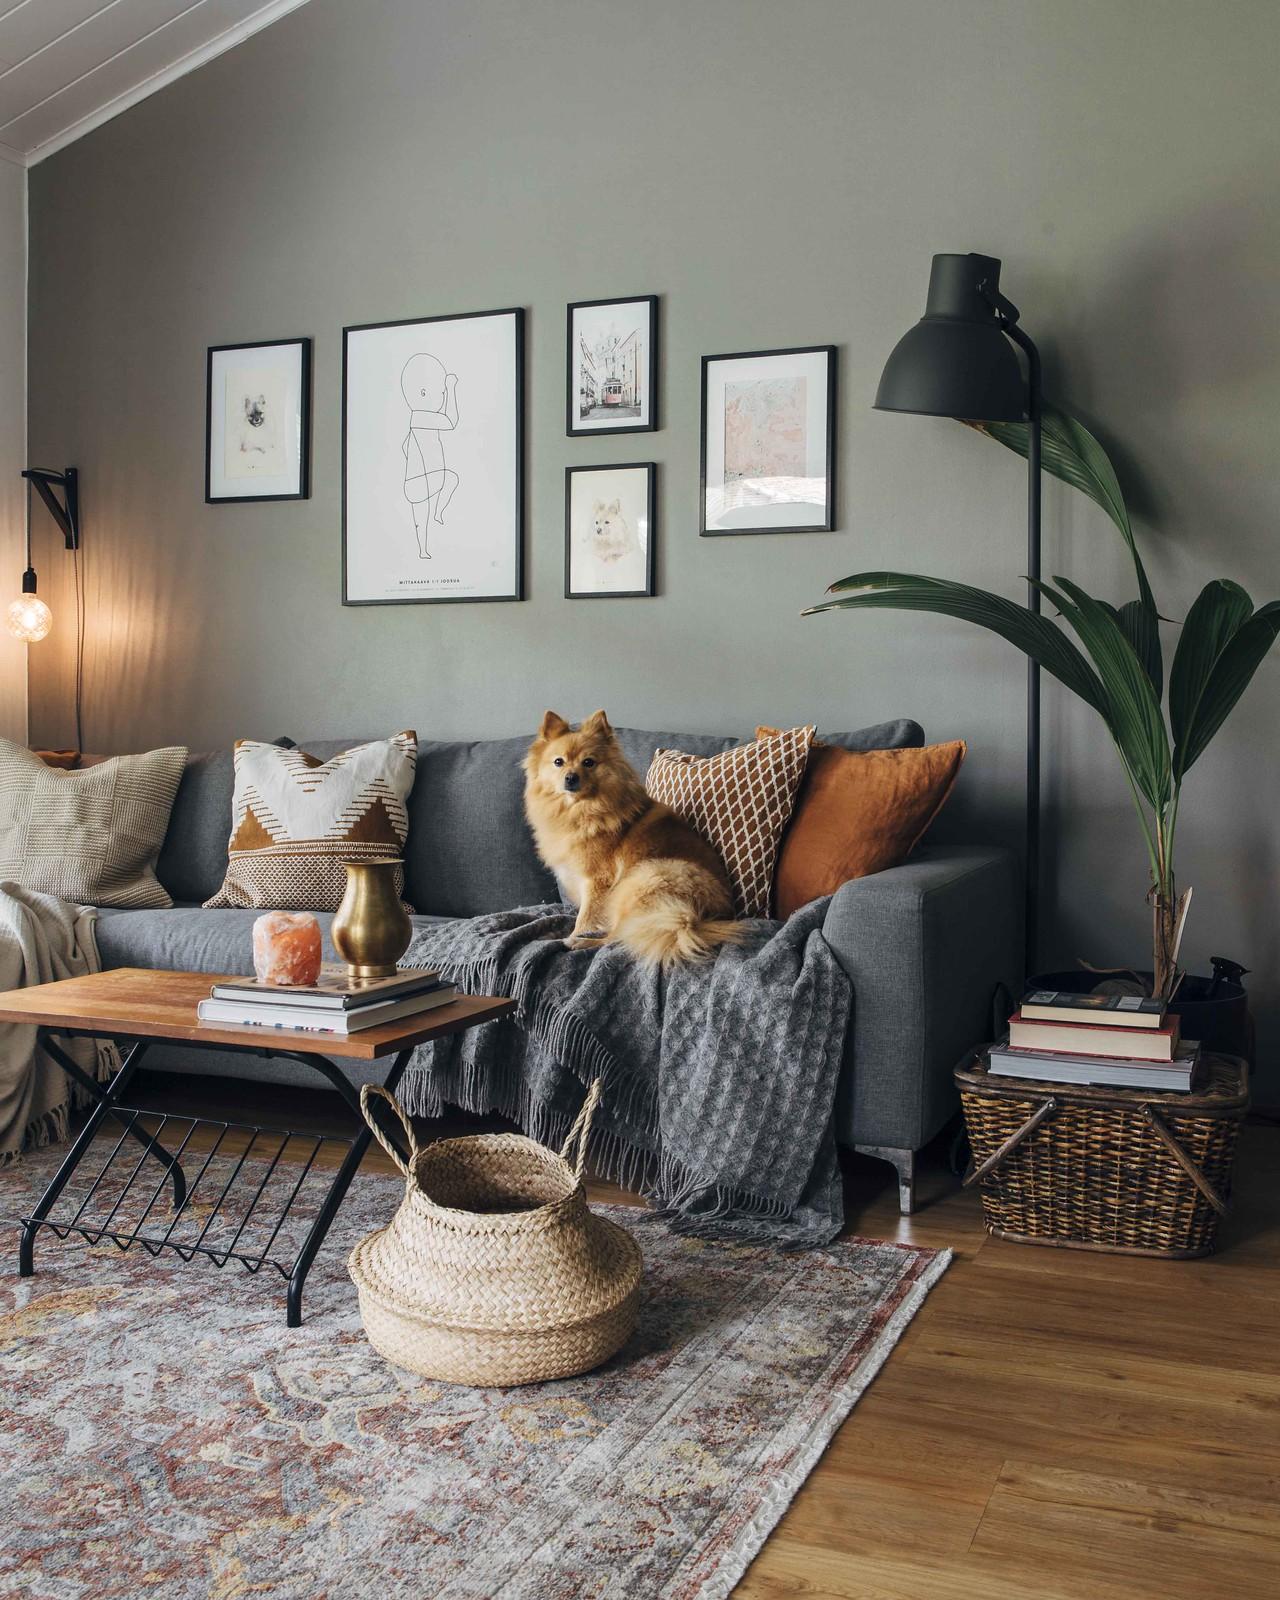 Tunnelmallinen olohuone, jossa harmaa sohva. Sohvalla istuu koira, joka katsoo kameraan.